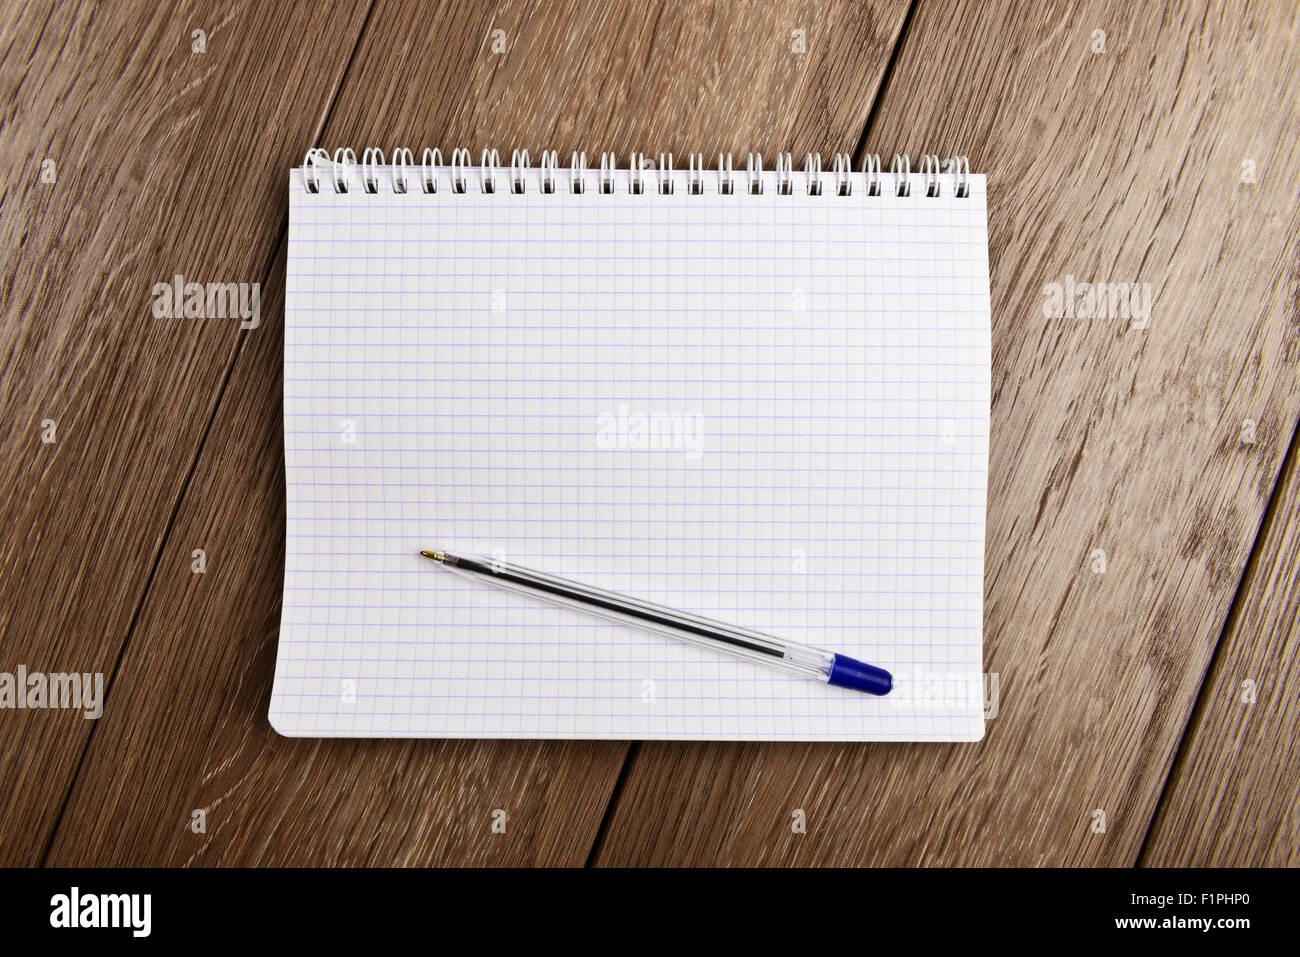 Bloc de notas y lápiz. Página en blanco sobre fondo de madera Imagen De Stock